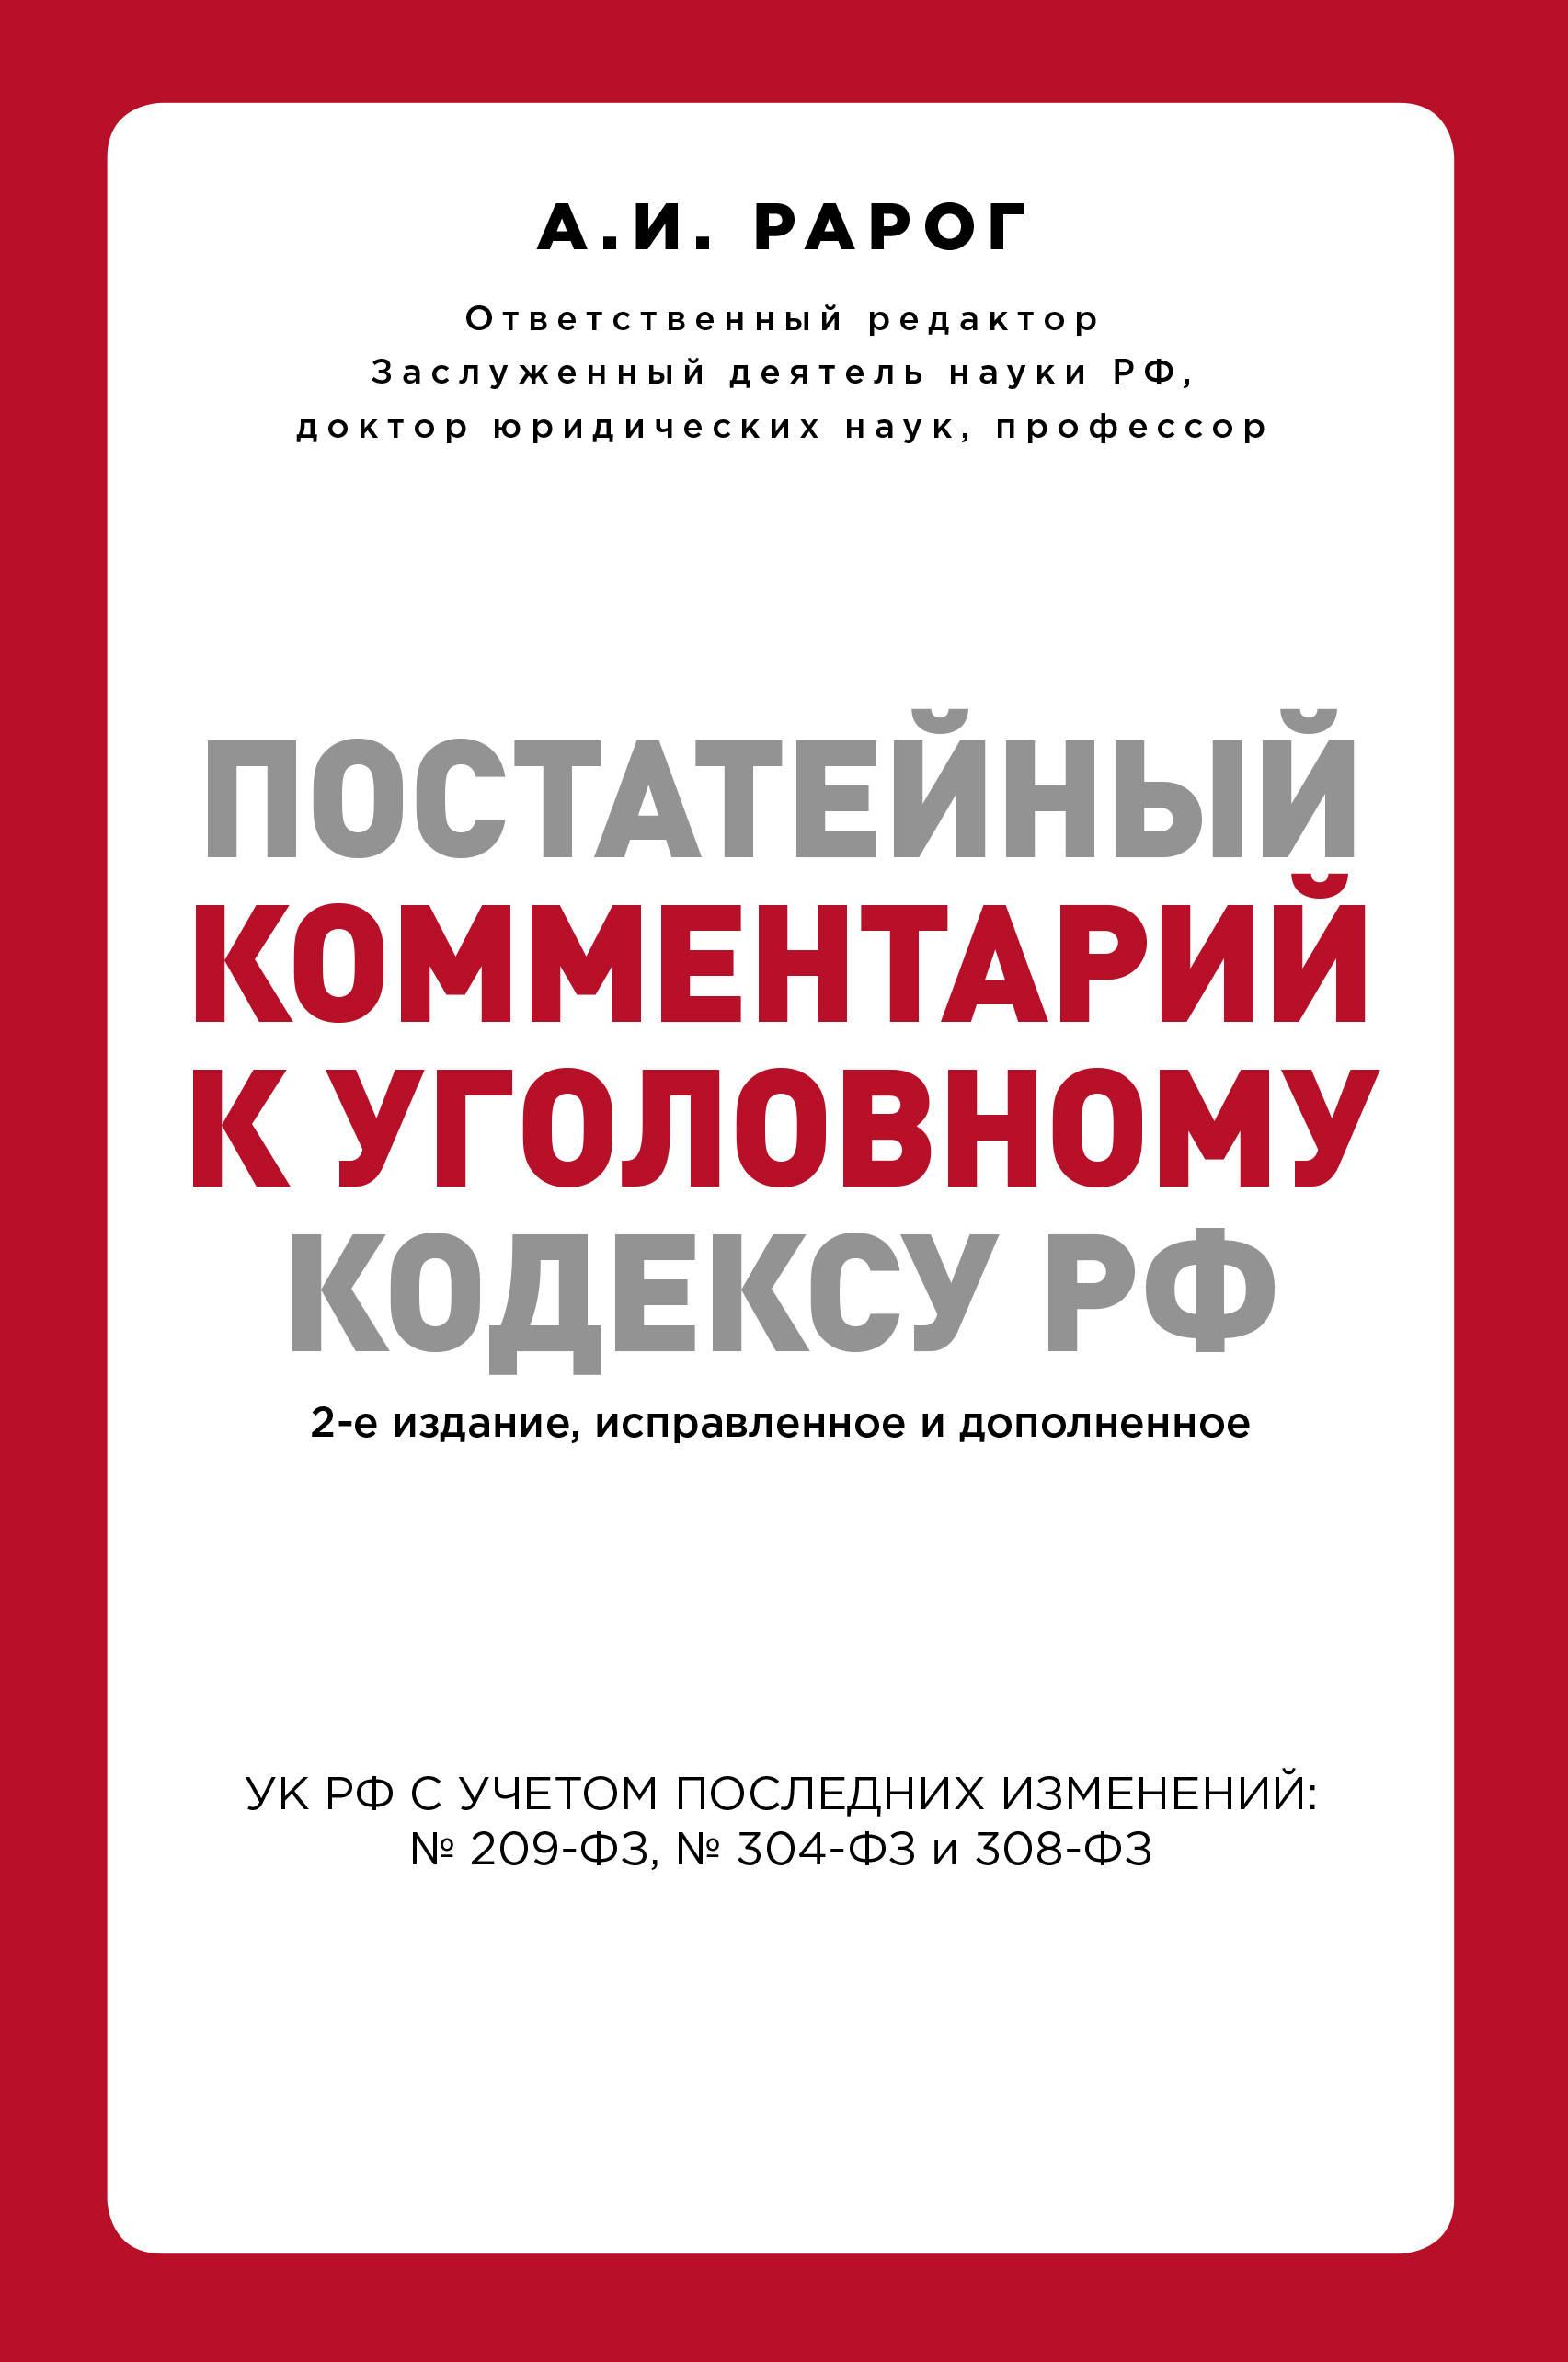 Postatejnyj kommentarij k Ugolovnomu kodeksu RF. 2-e izdanie, ispravlennoe i dopolnennoe